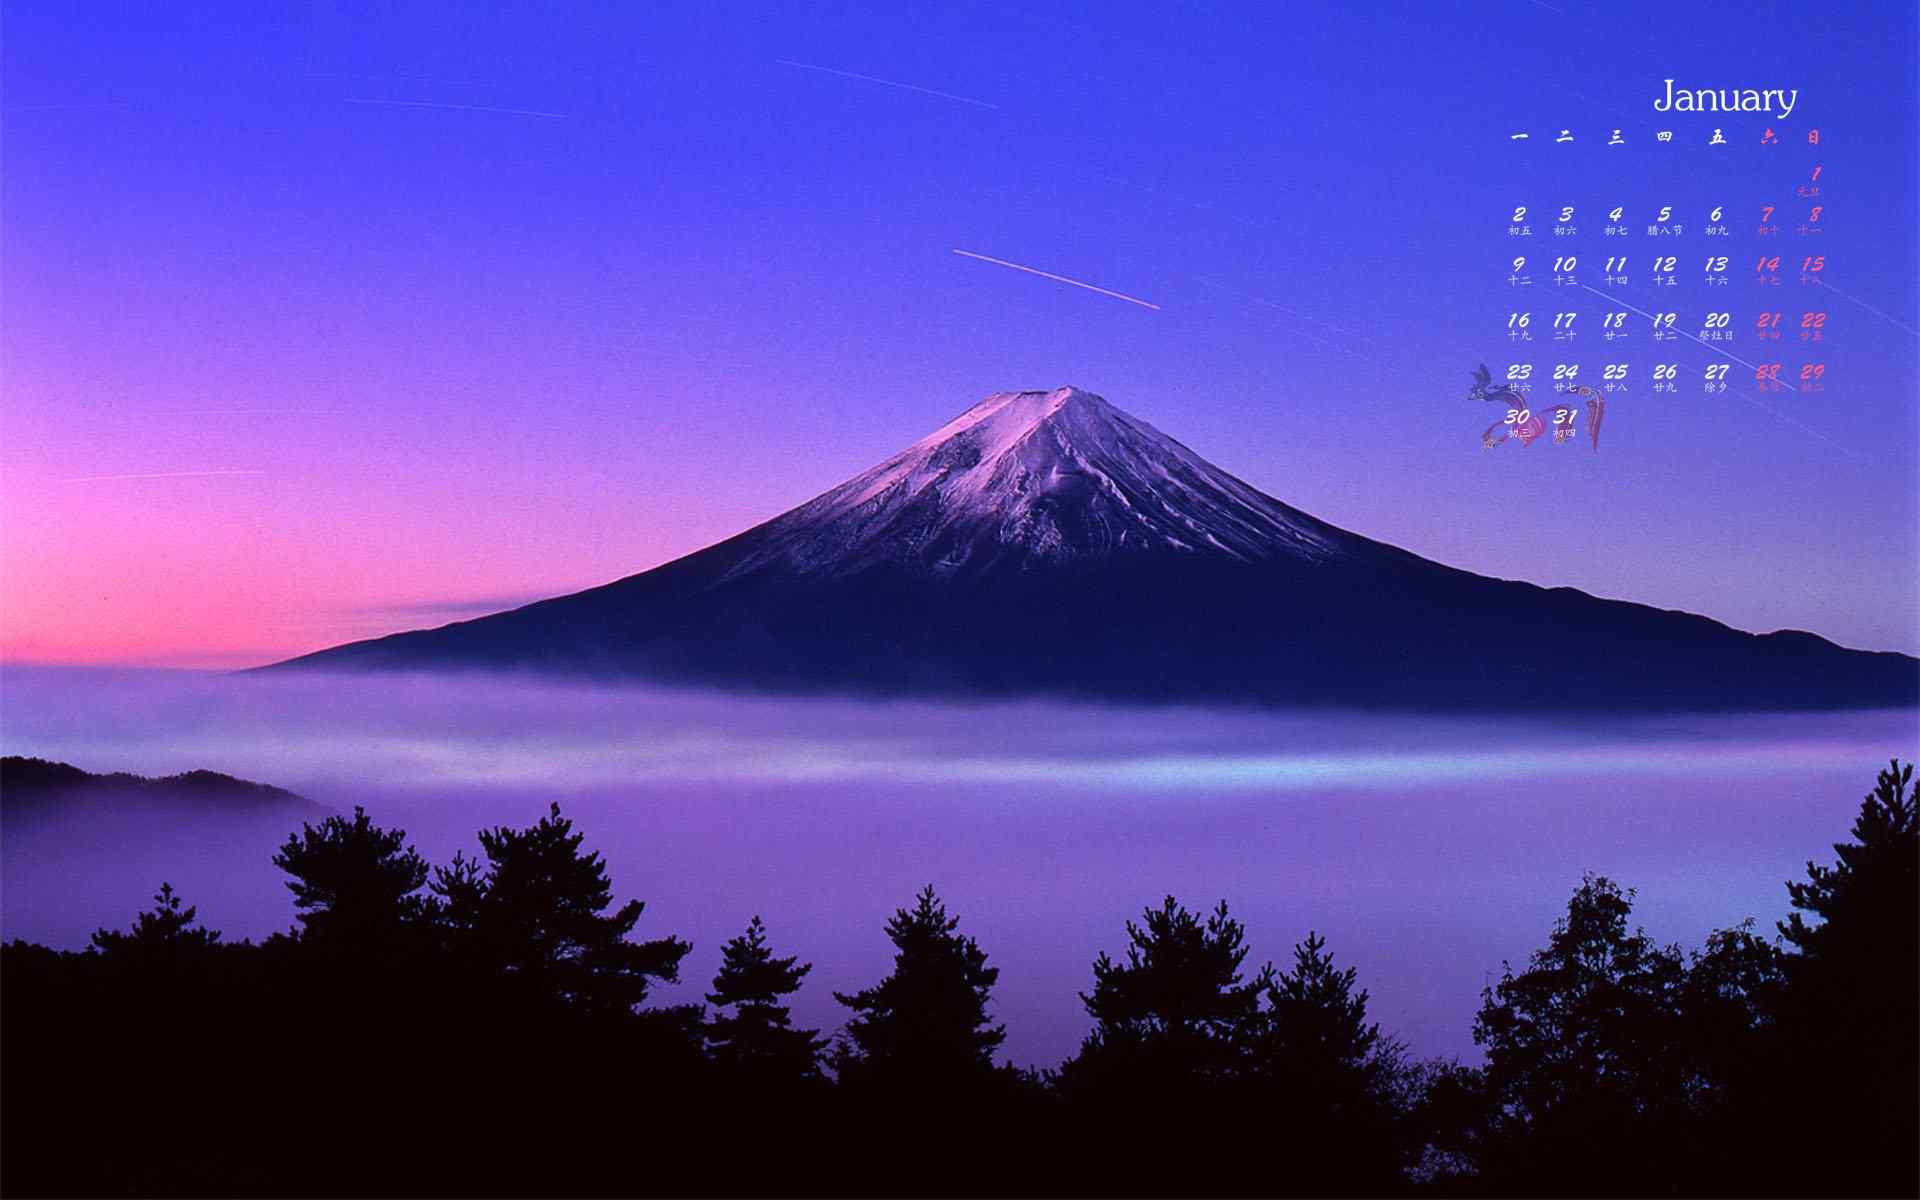 2017年1月日历唯美富士山风景壁纸